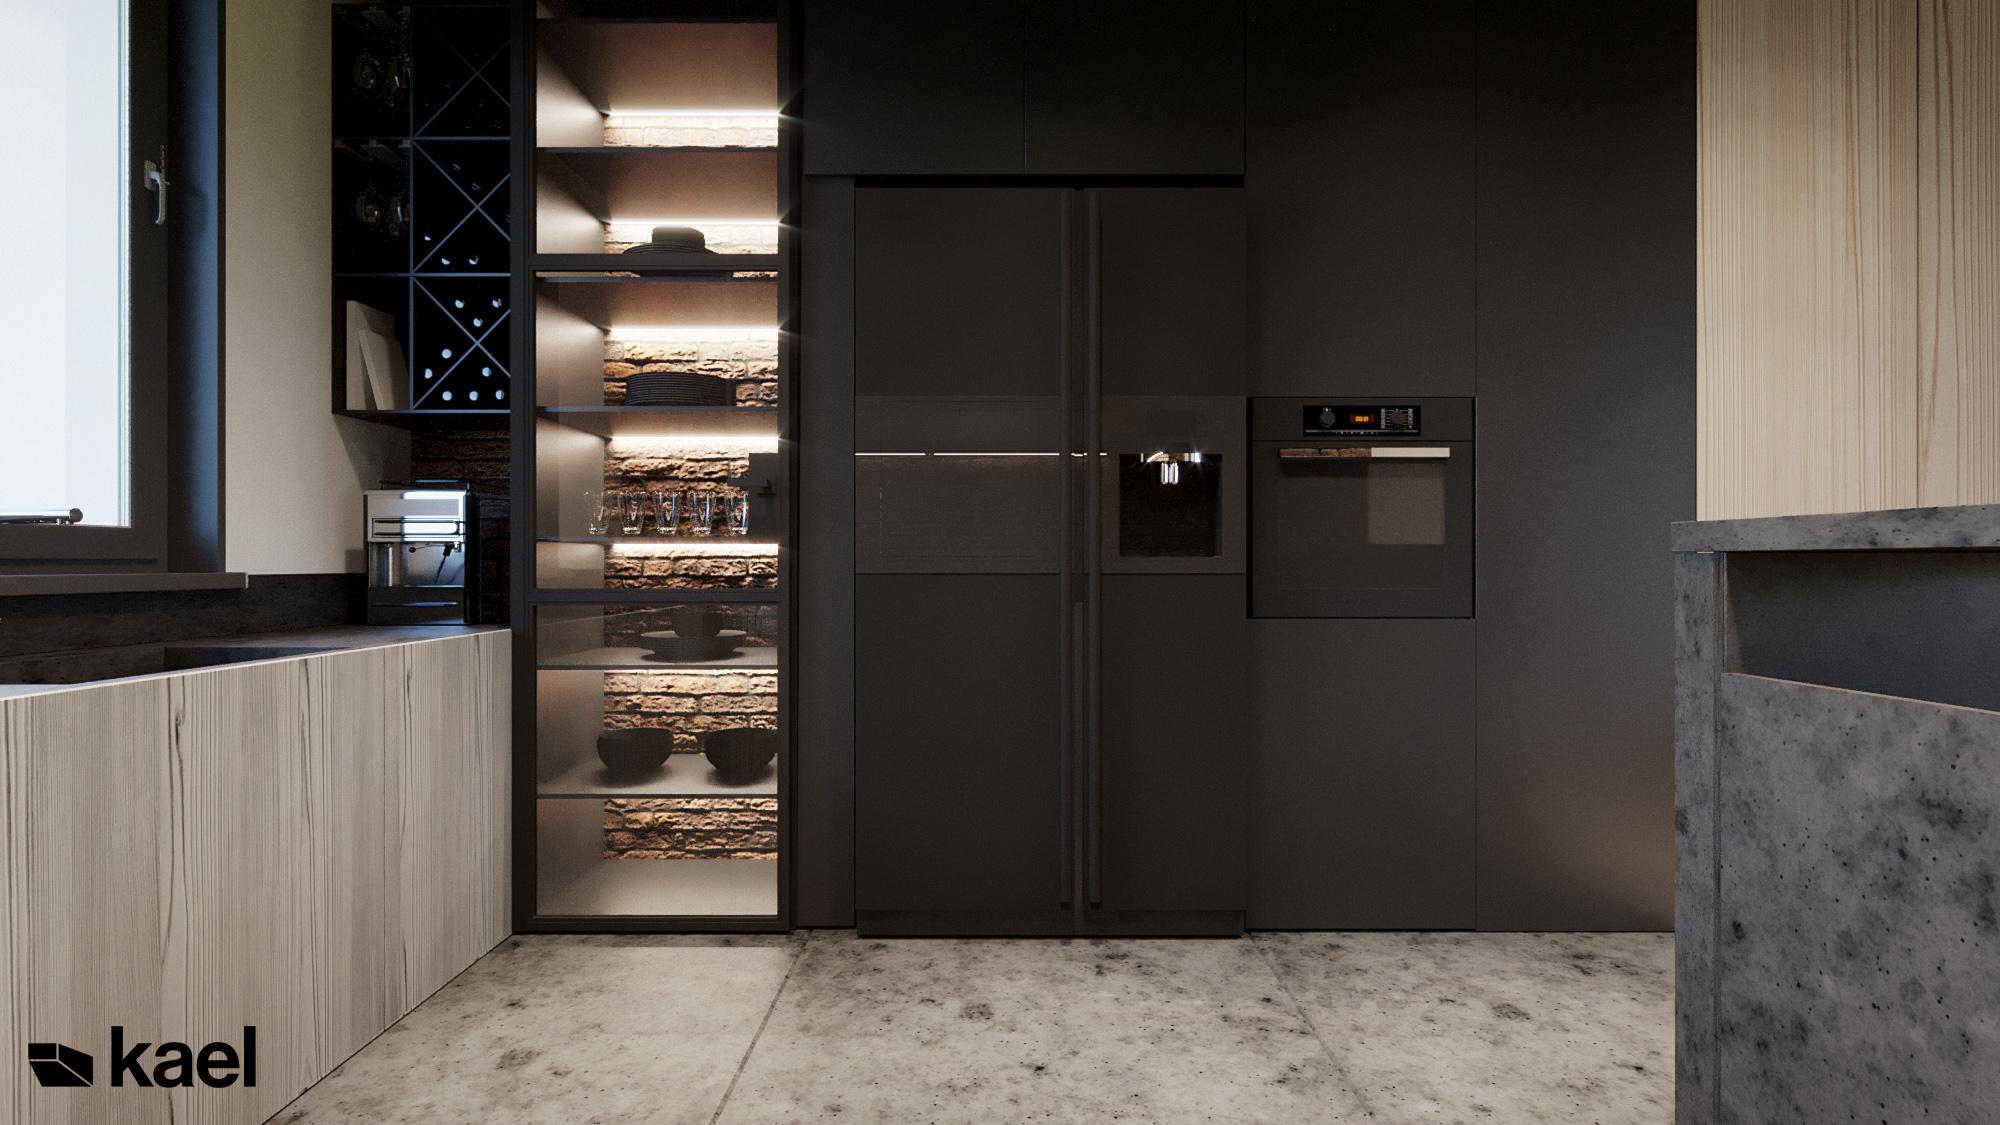 Kuchnia - Czumy II - projekt wnętrza domu w zabudowie szeregowej - Kael